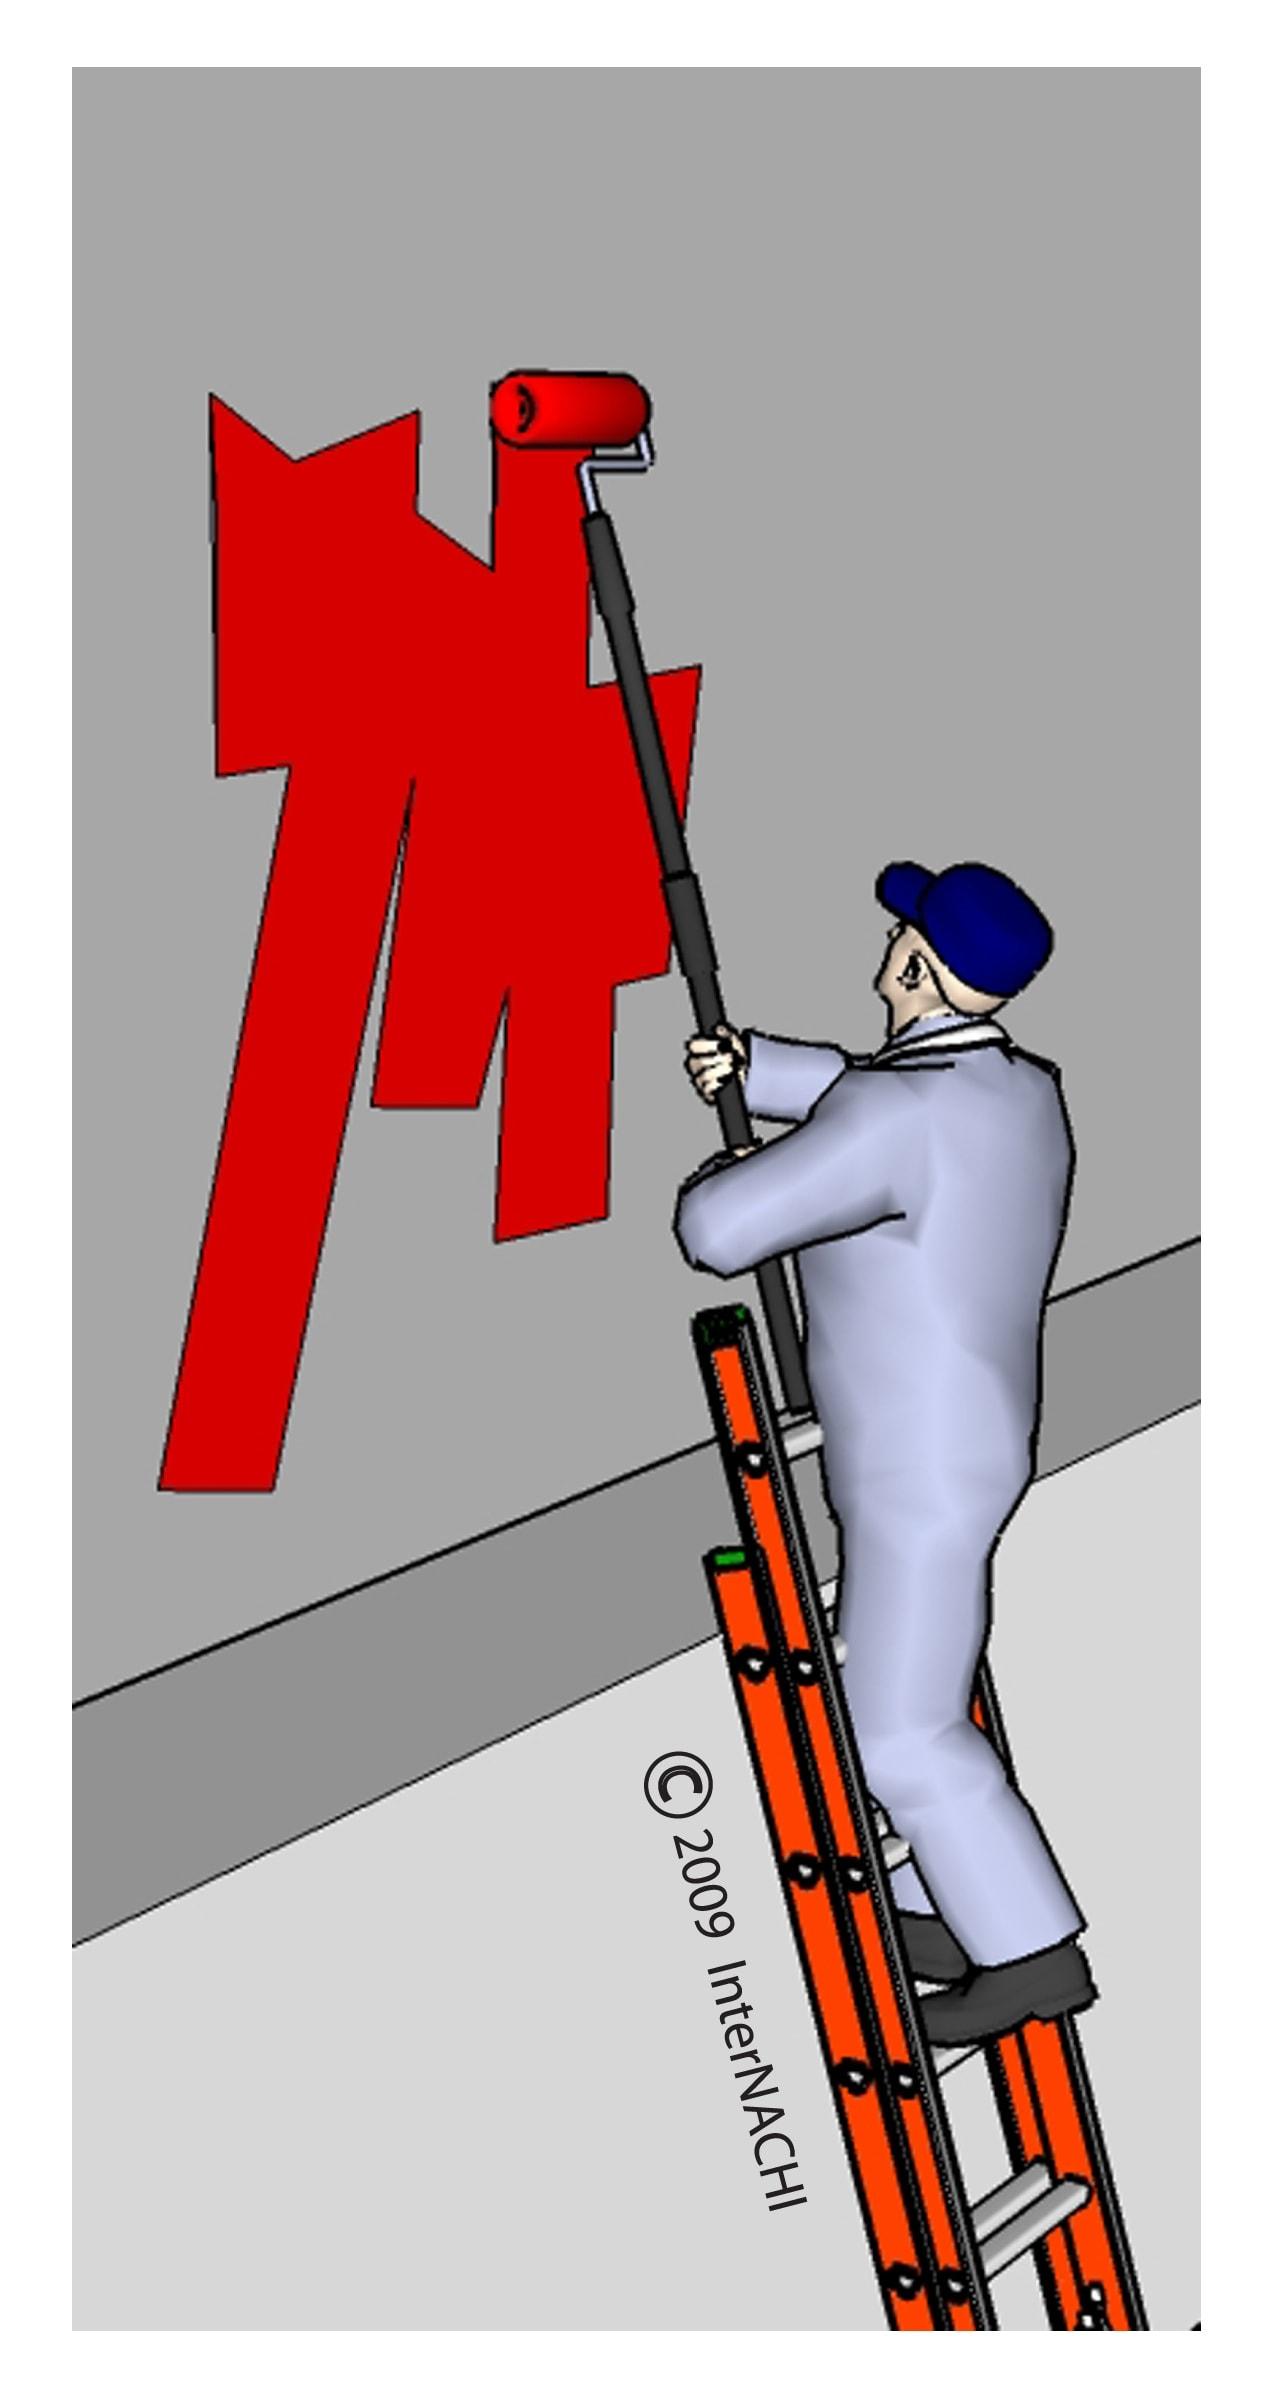 Safe ladder use.